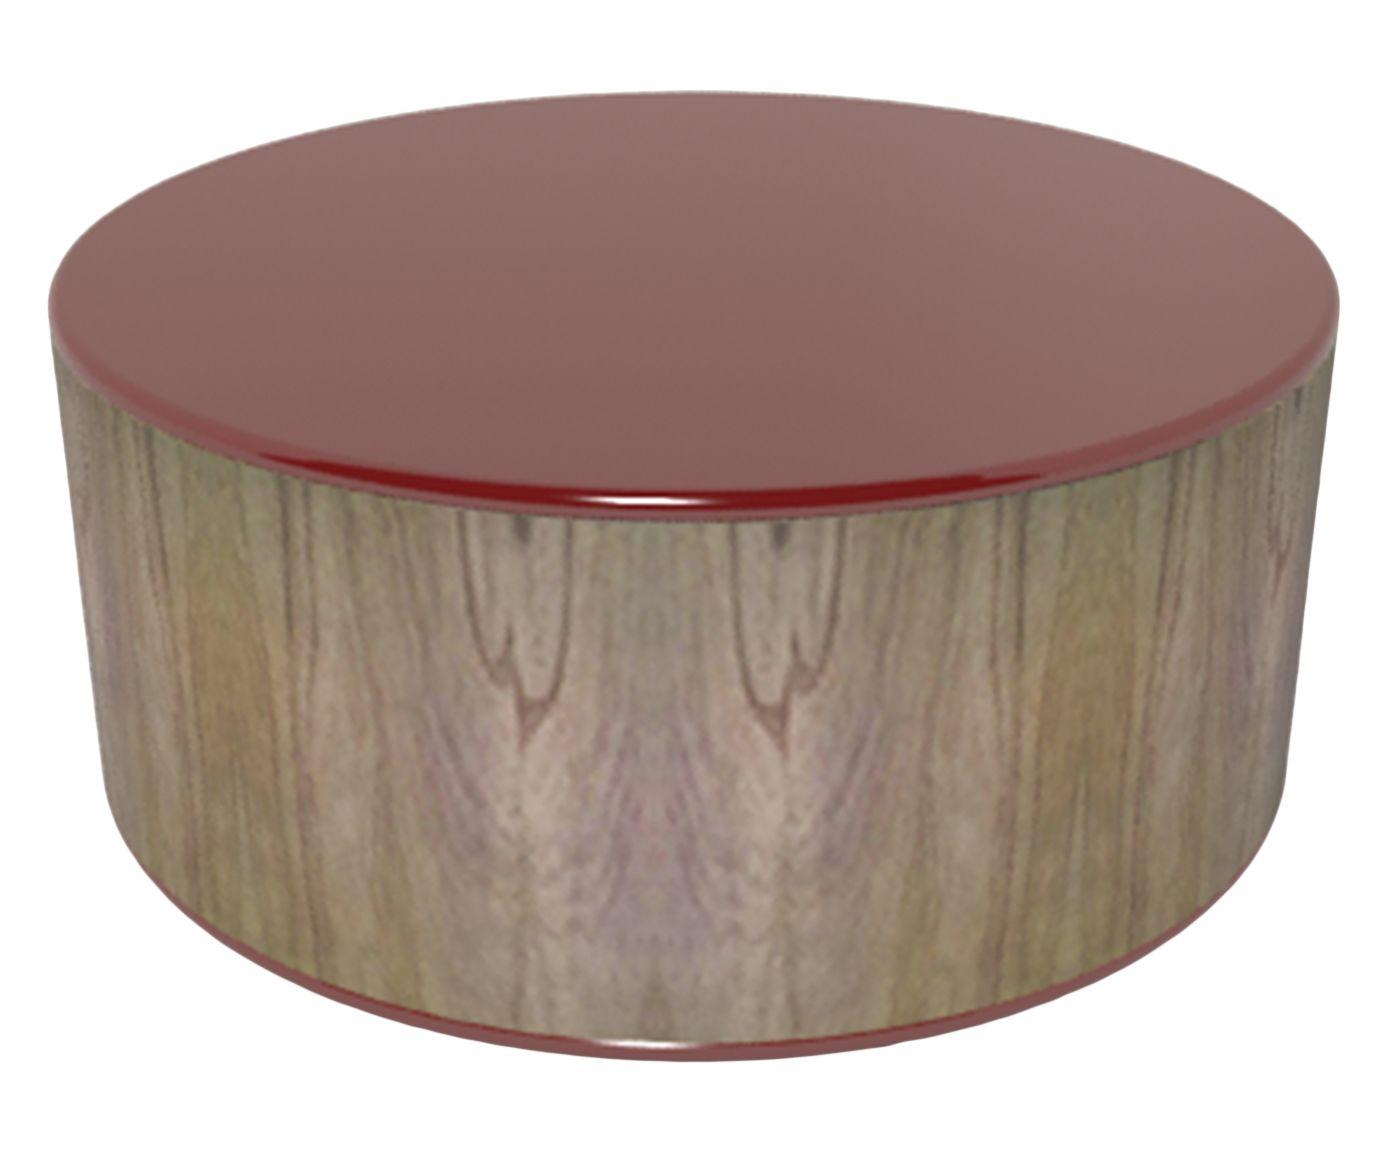 Mesa de Centro Bodega - Carmim | Westwing.com.br